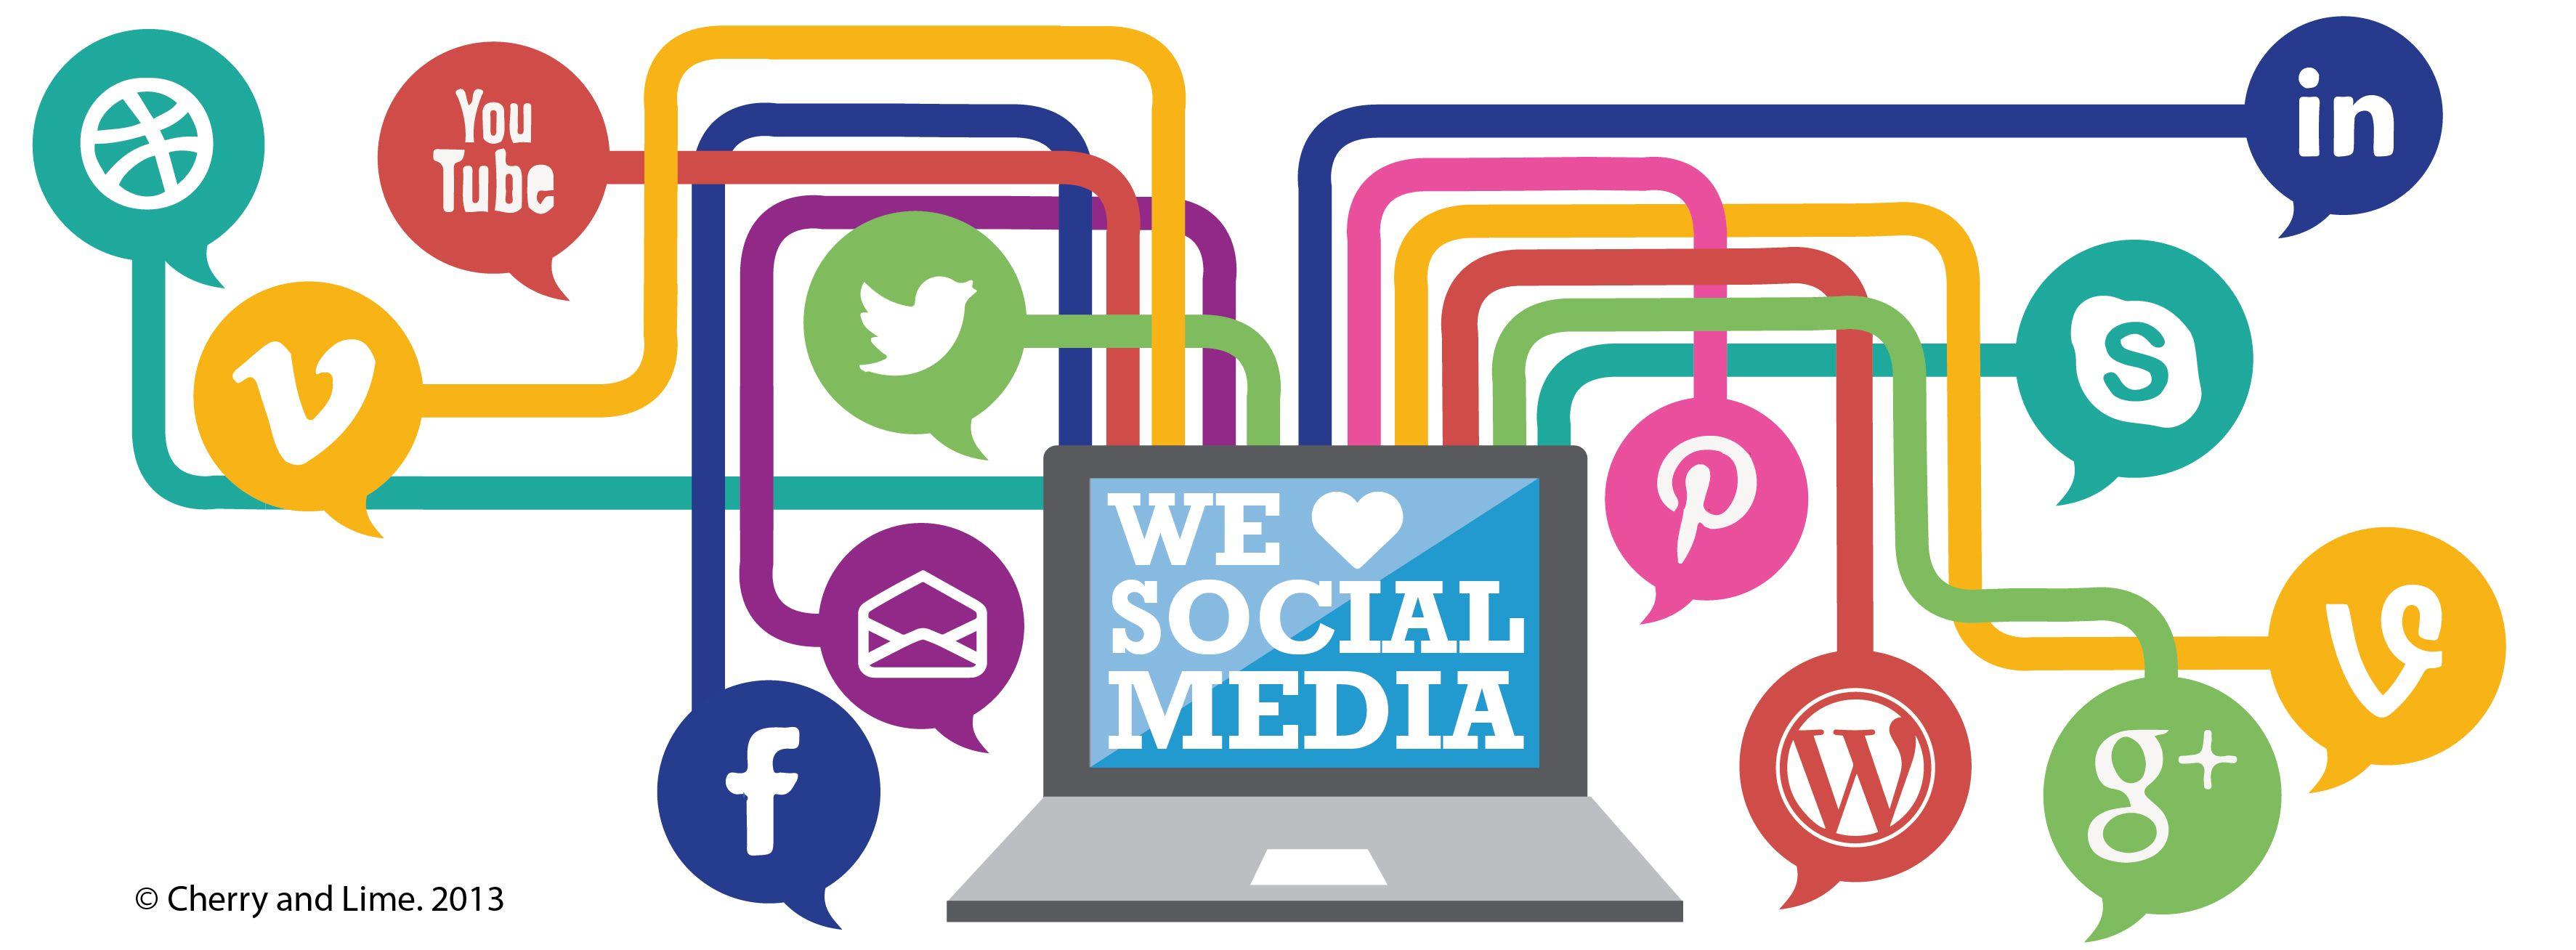 20 Popular Social Media Icons Psd Png Graphicsfuel Social Media Advantages Social Media Optimization Social Media Strategies